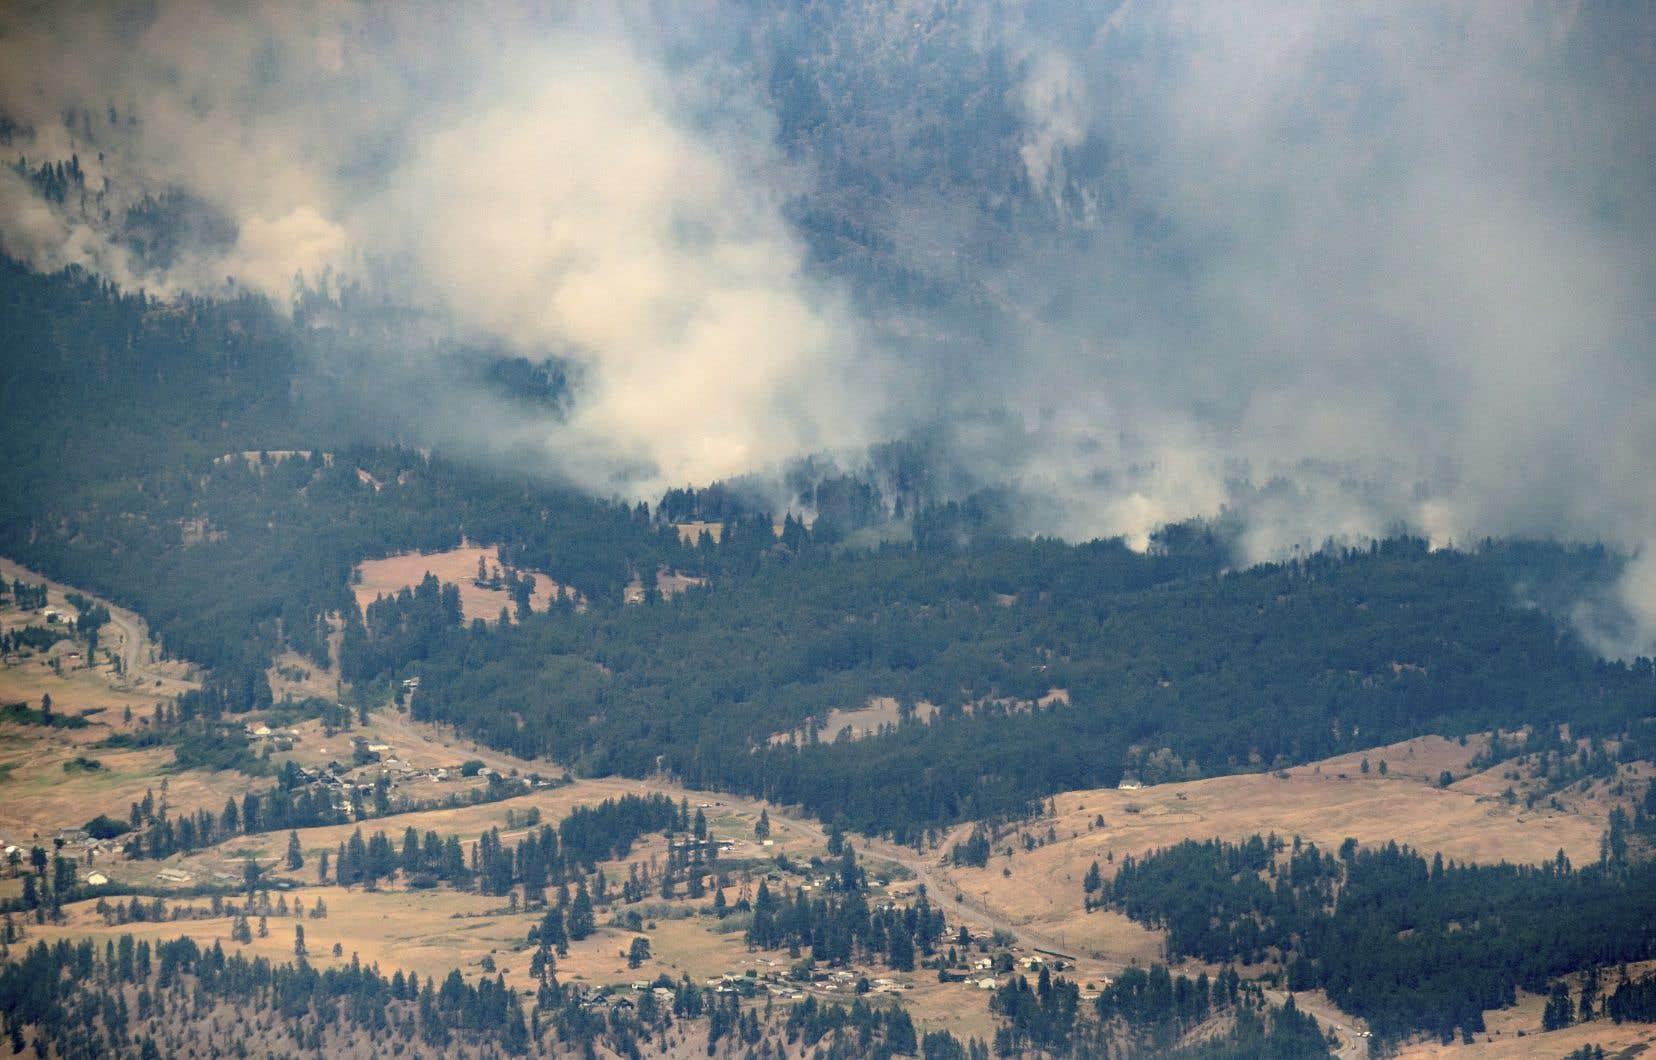 Plus de 300 incendies de forêt brûlent dans cette province, menaçant environ 1500 propriétés dont les résidents ont reçu l'ordre de partir, plus tôt cette semaine.